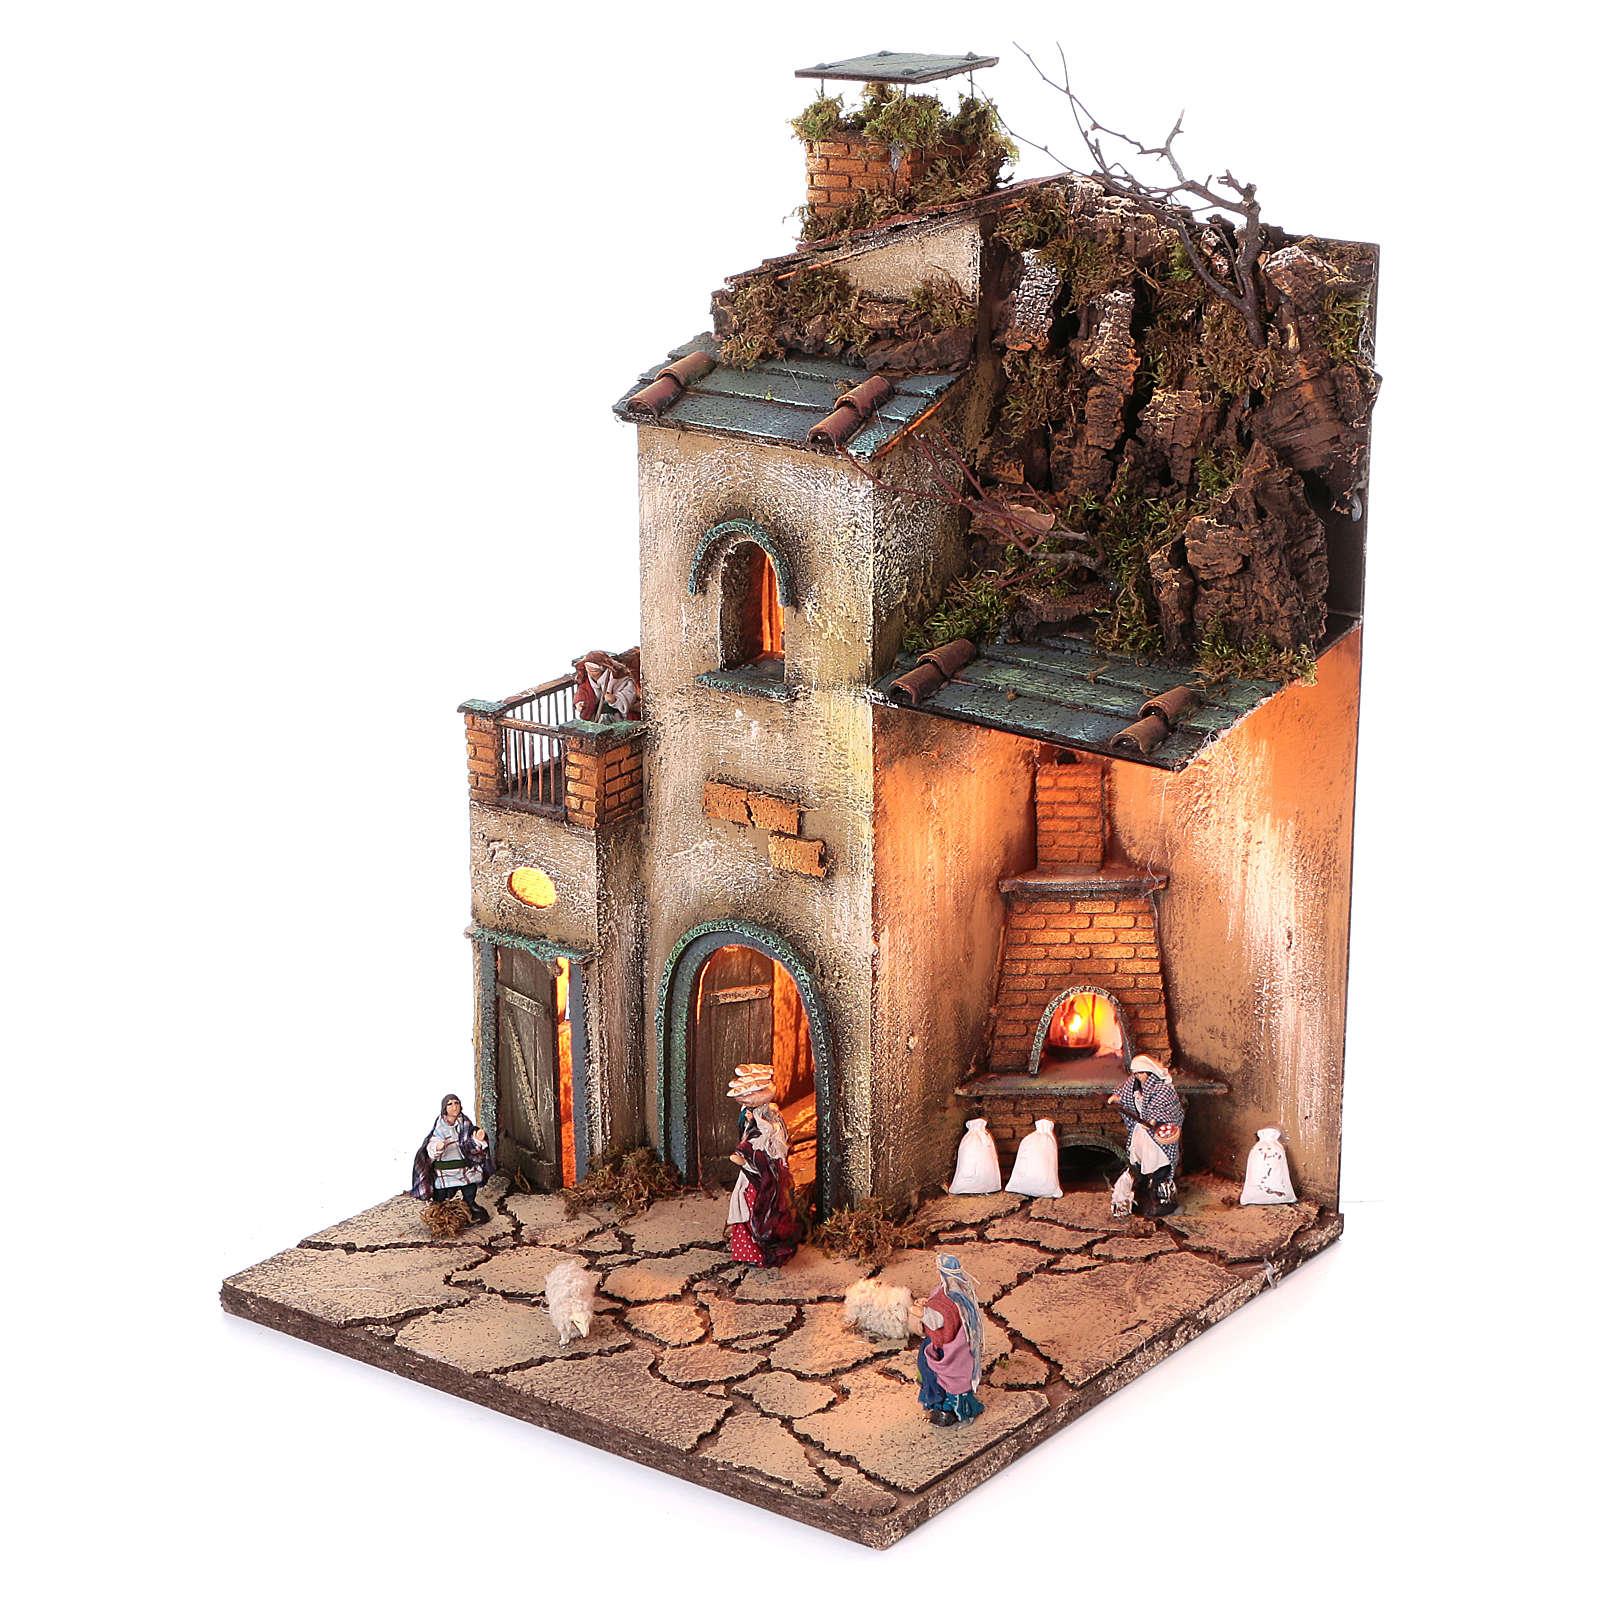 Krippenszenerie neapolitanisches Dorf mit Ofen mit ECHTRAUCHEFFEKT, 55x40x40 cm, Modul 4, für 8 cm Figuren 4